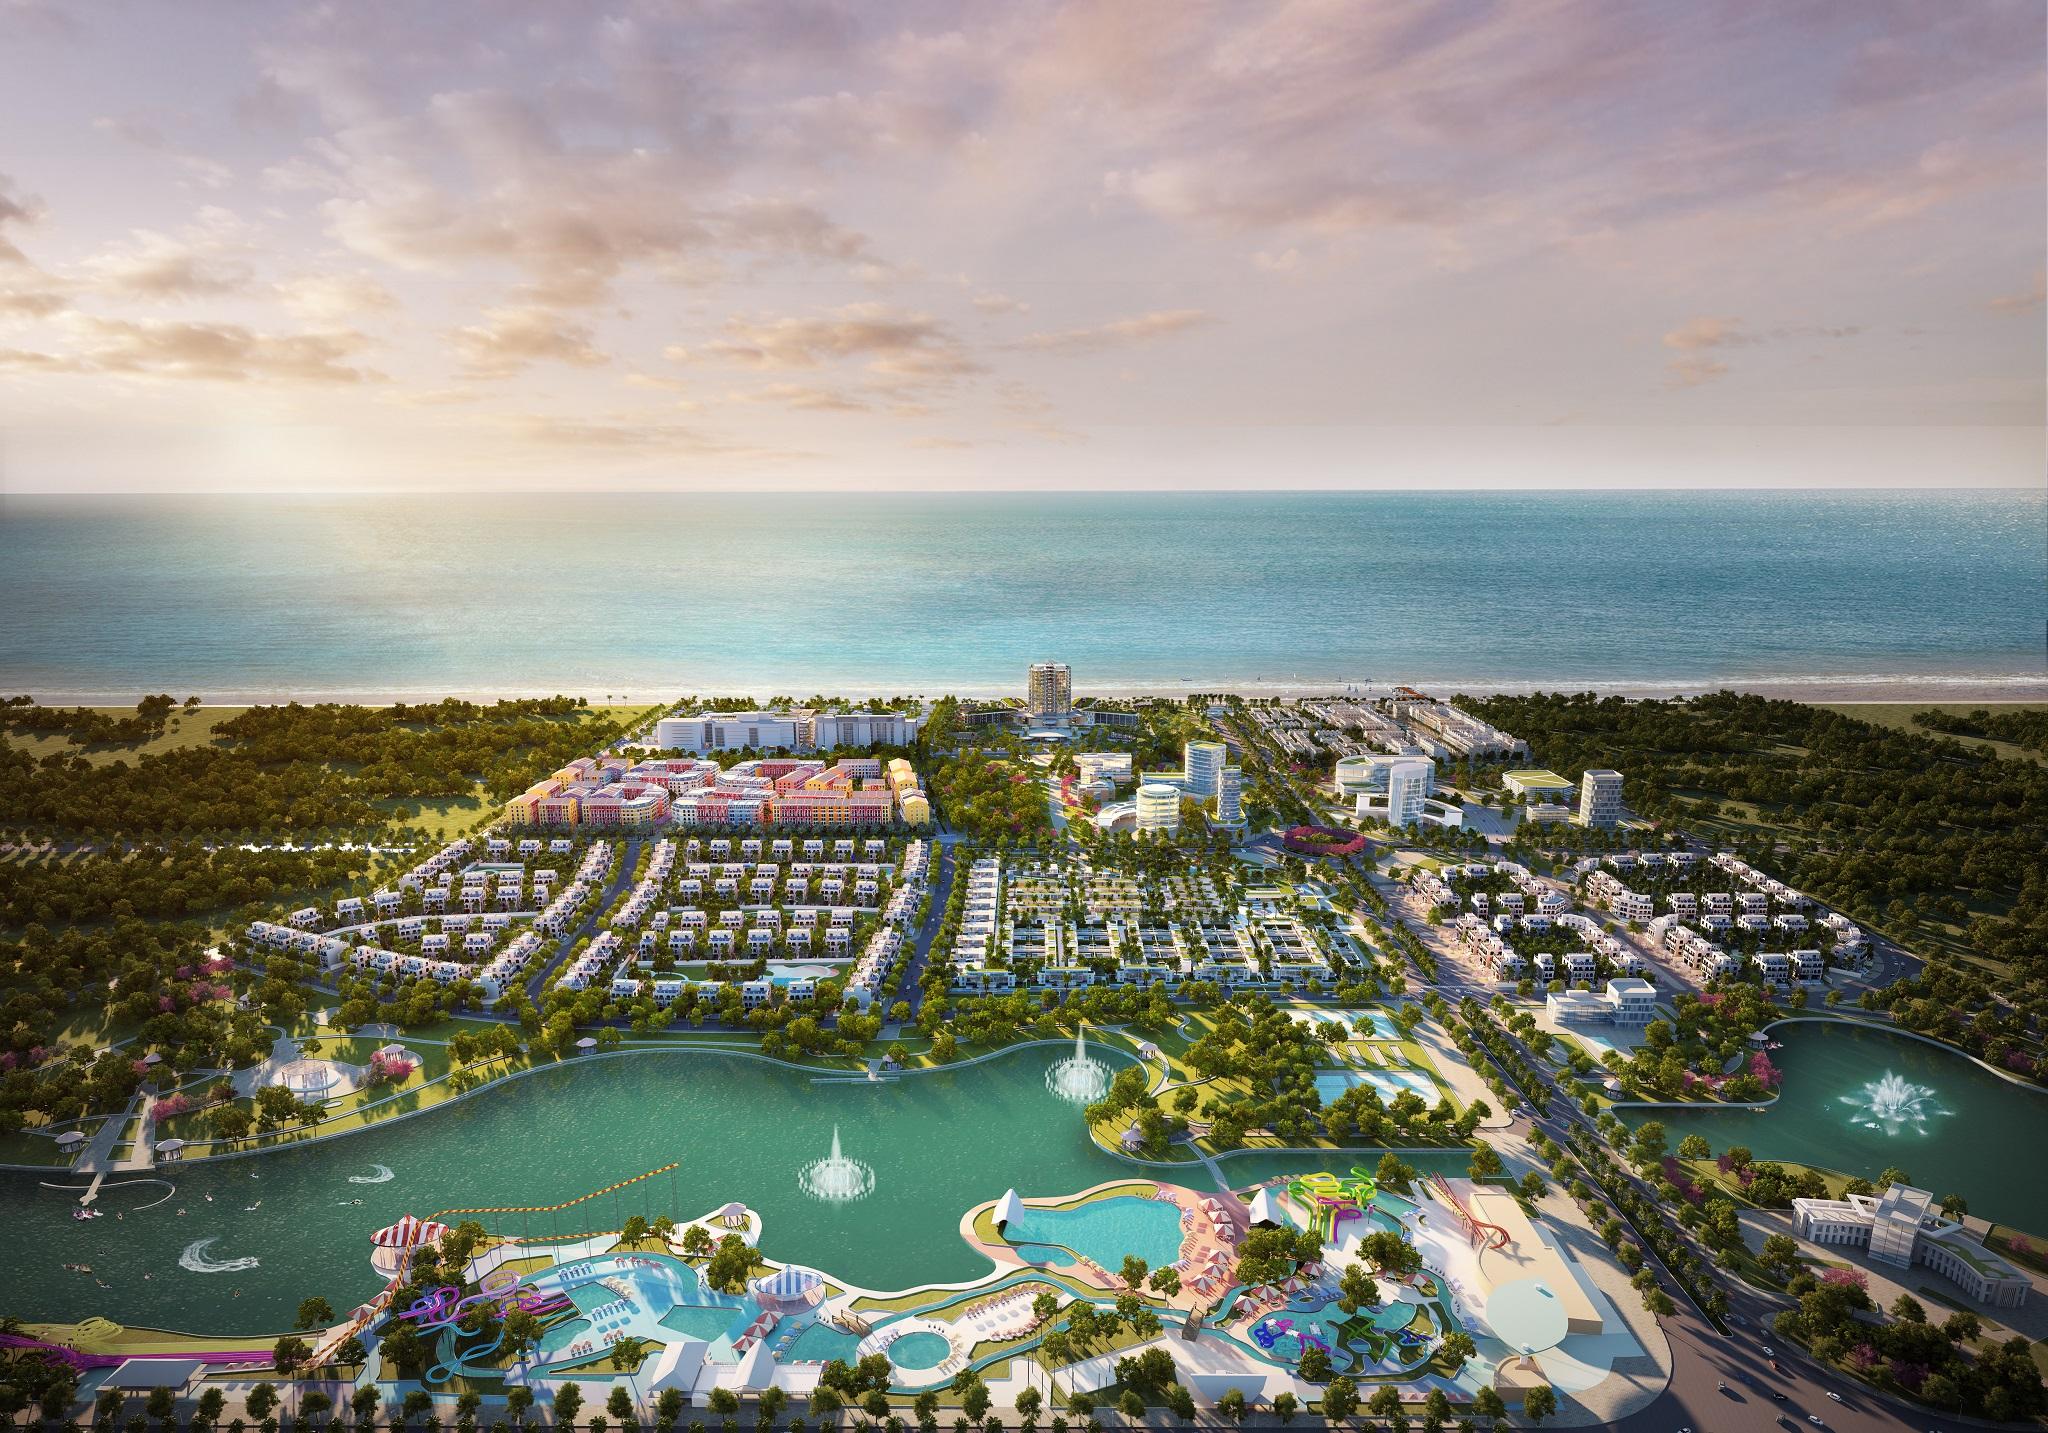 Xu hướng bất động sản 2020: Mô hình phức hợp nghỉ dưỡng và giải trí lên ngôi  - Ảnh 1